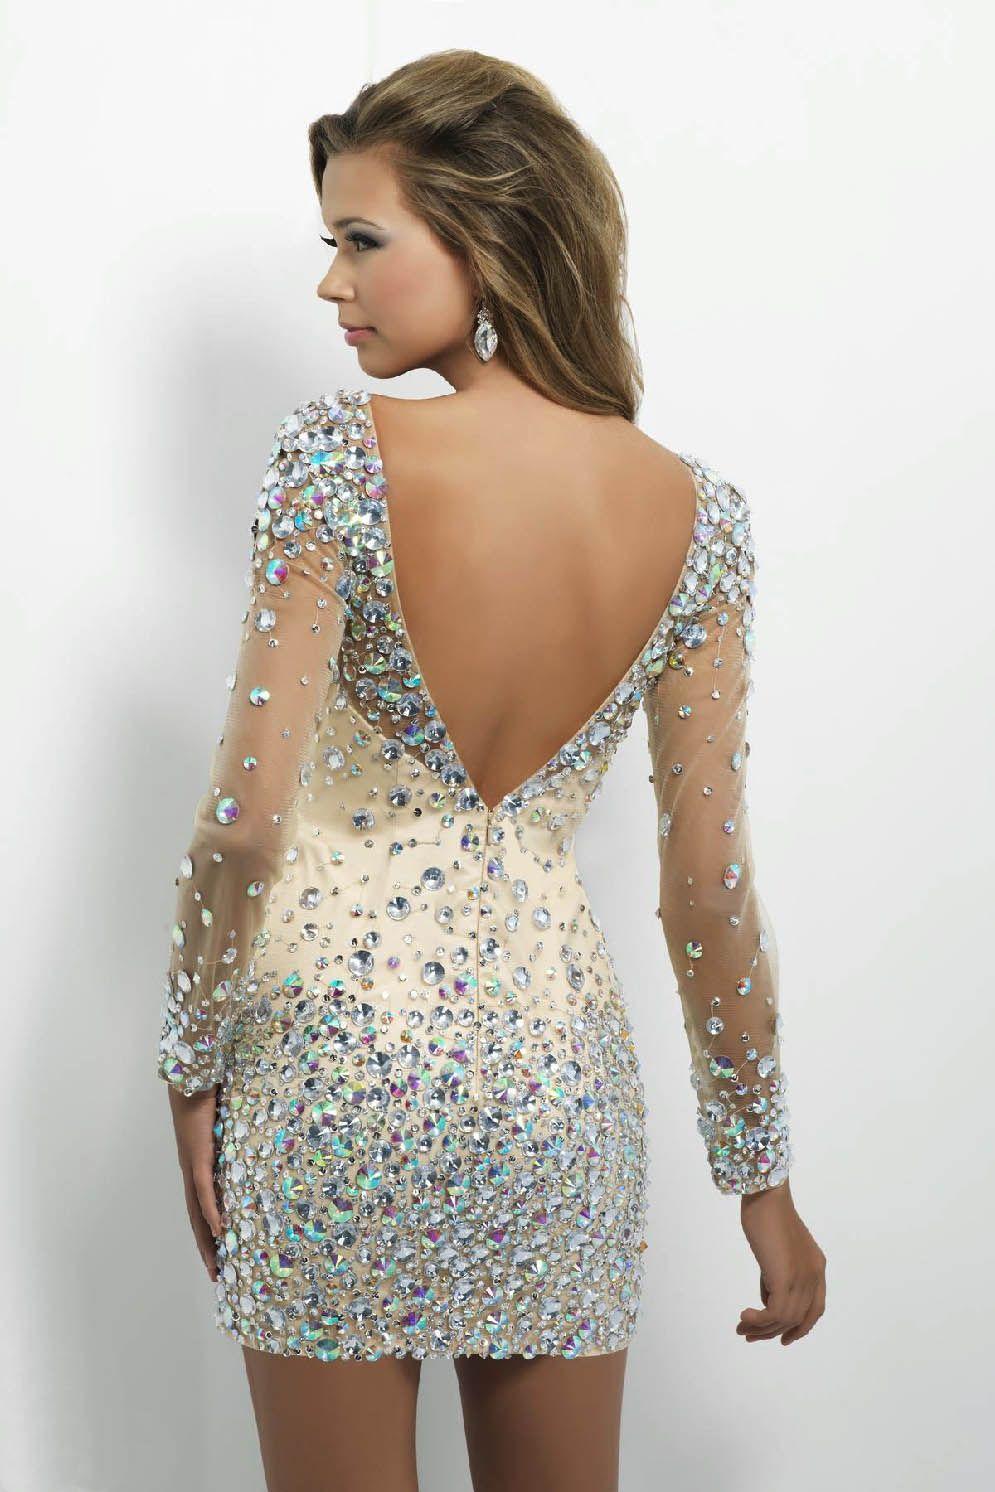 SPARKLY NUDE AURORA BOREALIS CRYSTAL MINI/ KNEE/ FLOOR LENGTH DRESS ...